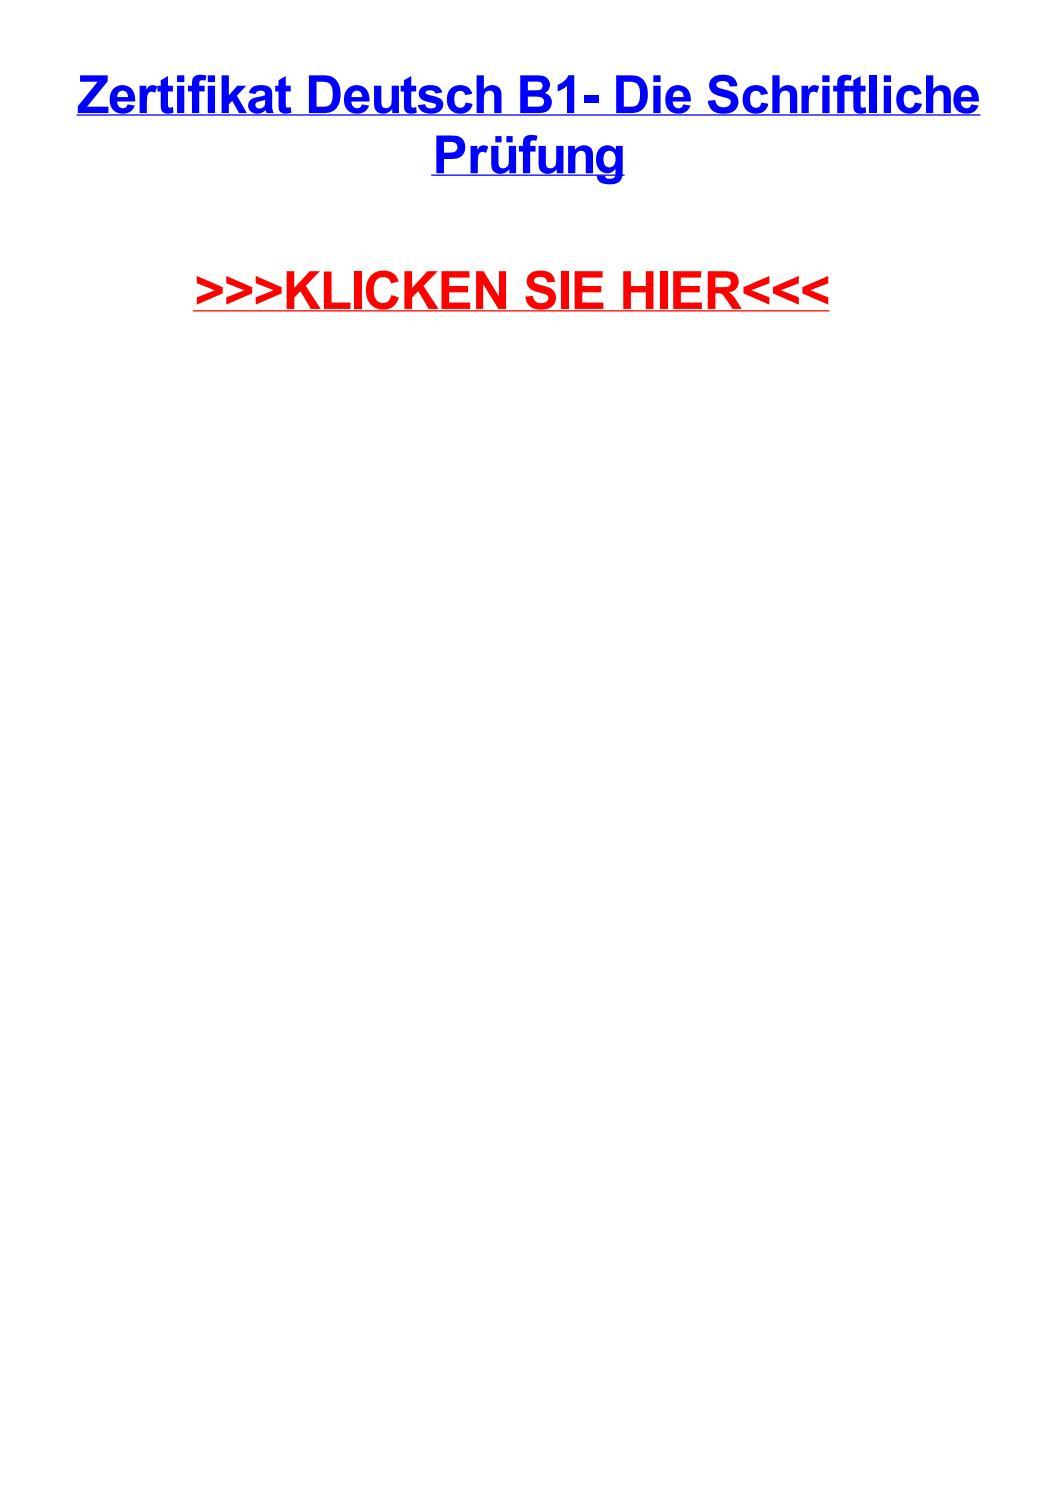 Zertifikat deutsch b1 die schriftliche prjfung by williamfimv - issuu